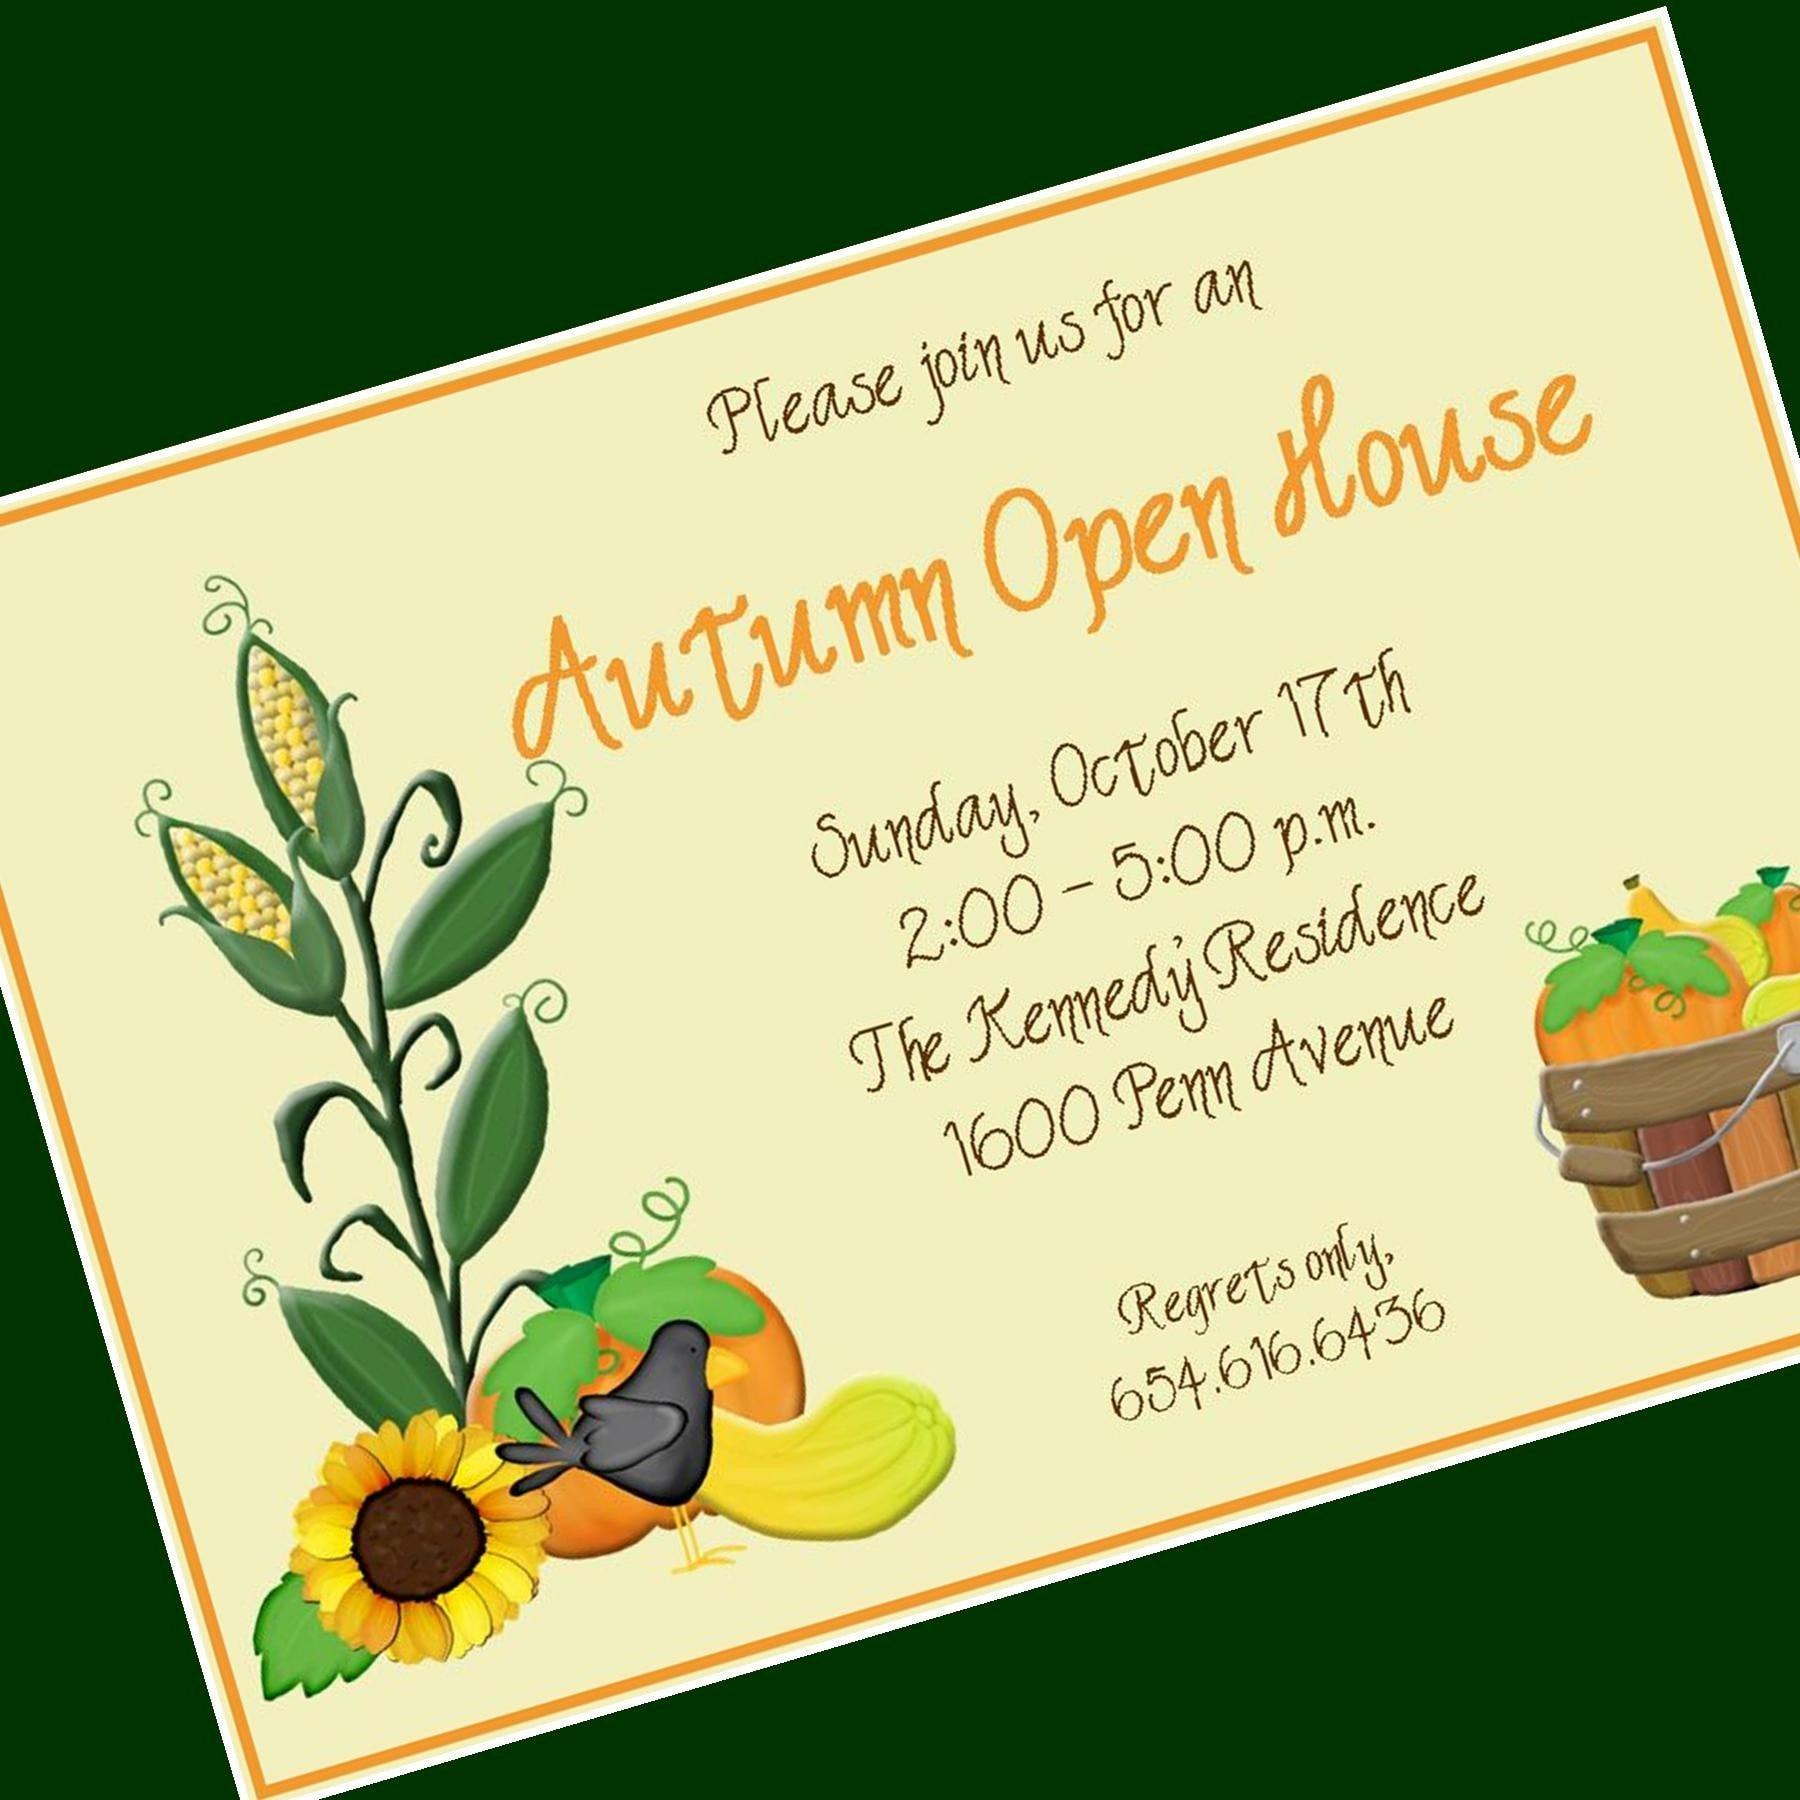 fall open house invitation custom wording 12 by cardsbycarolyn